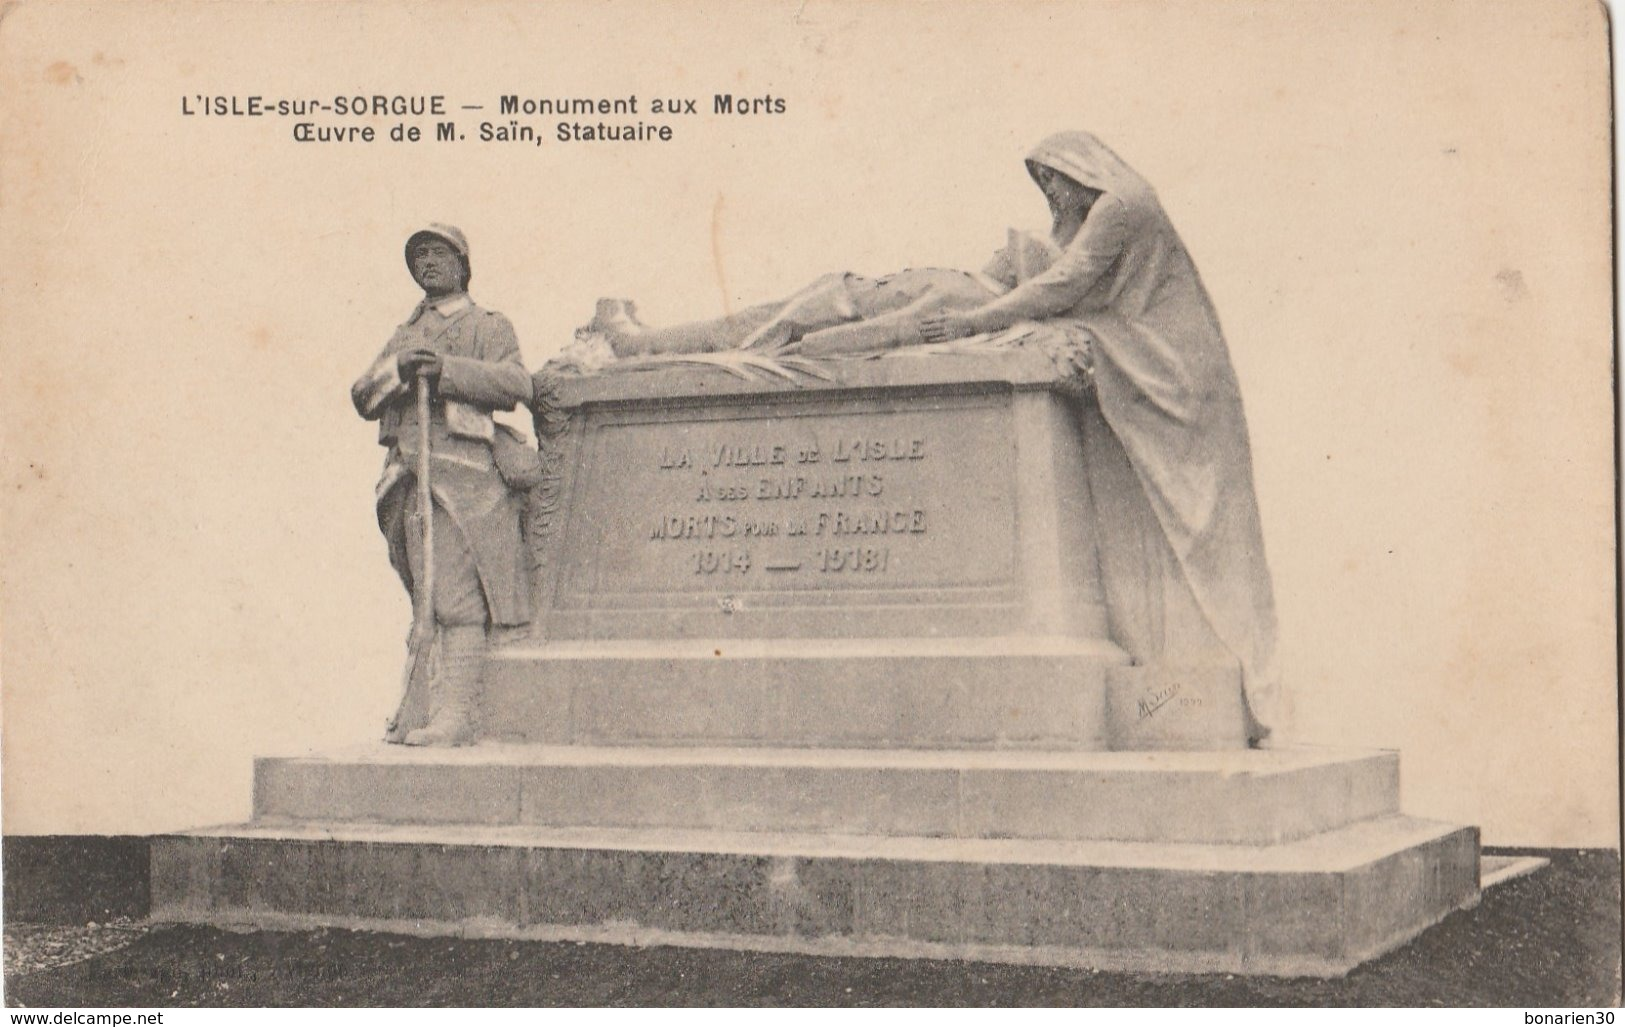 CPA  84 L'ISLE SUR SORGUE MONUMENT AUX MORTS SAIN STATUAIRE - L'Isle Sur Sorgue